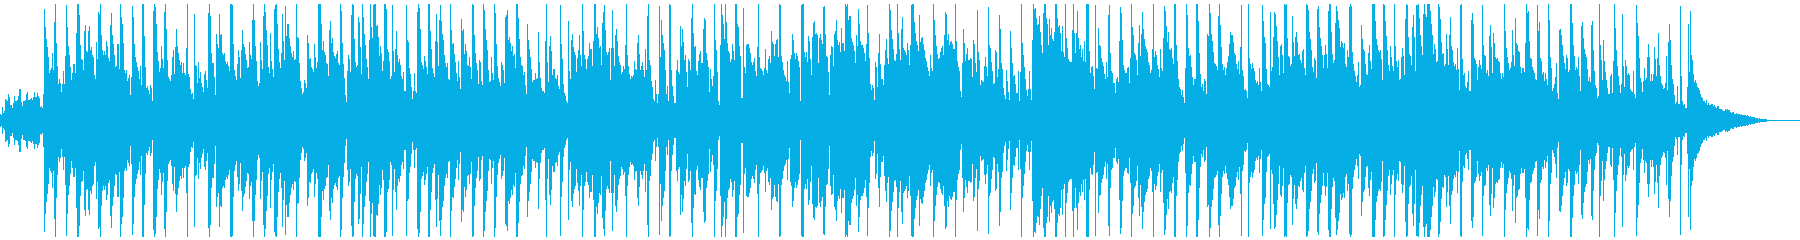 かわいい鉄琴メロの童謡「お正月」ウクレレの再生済みの波形